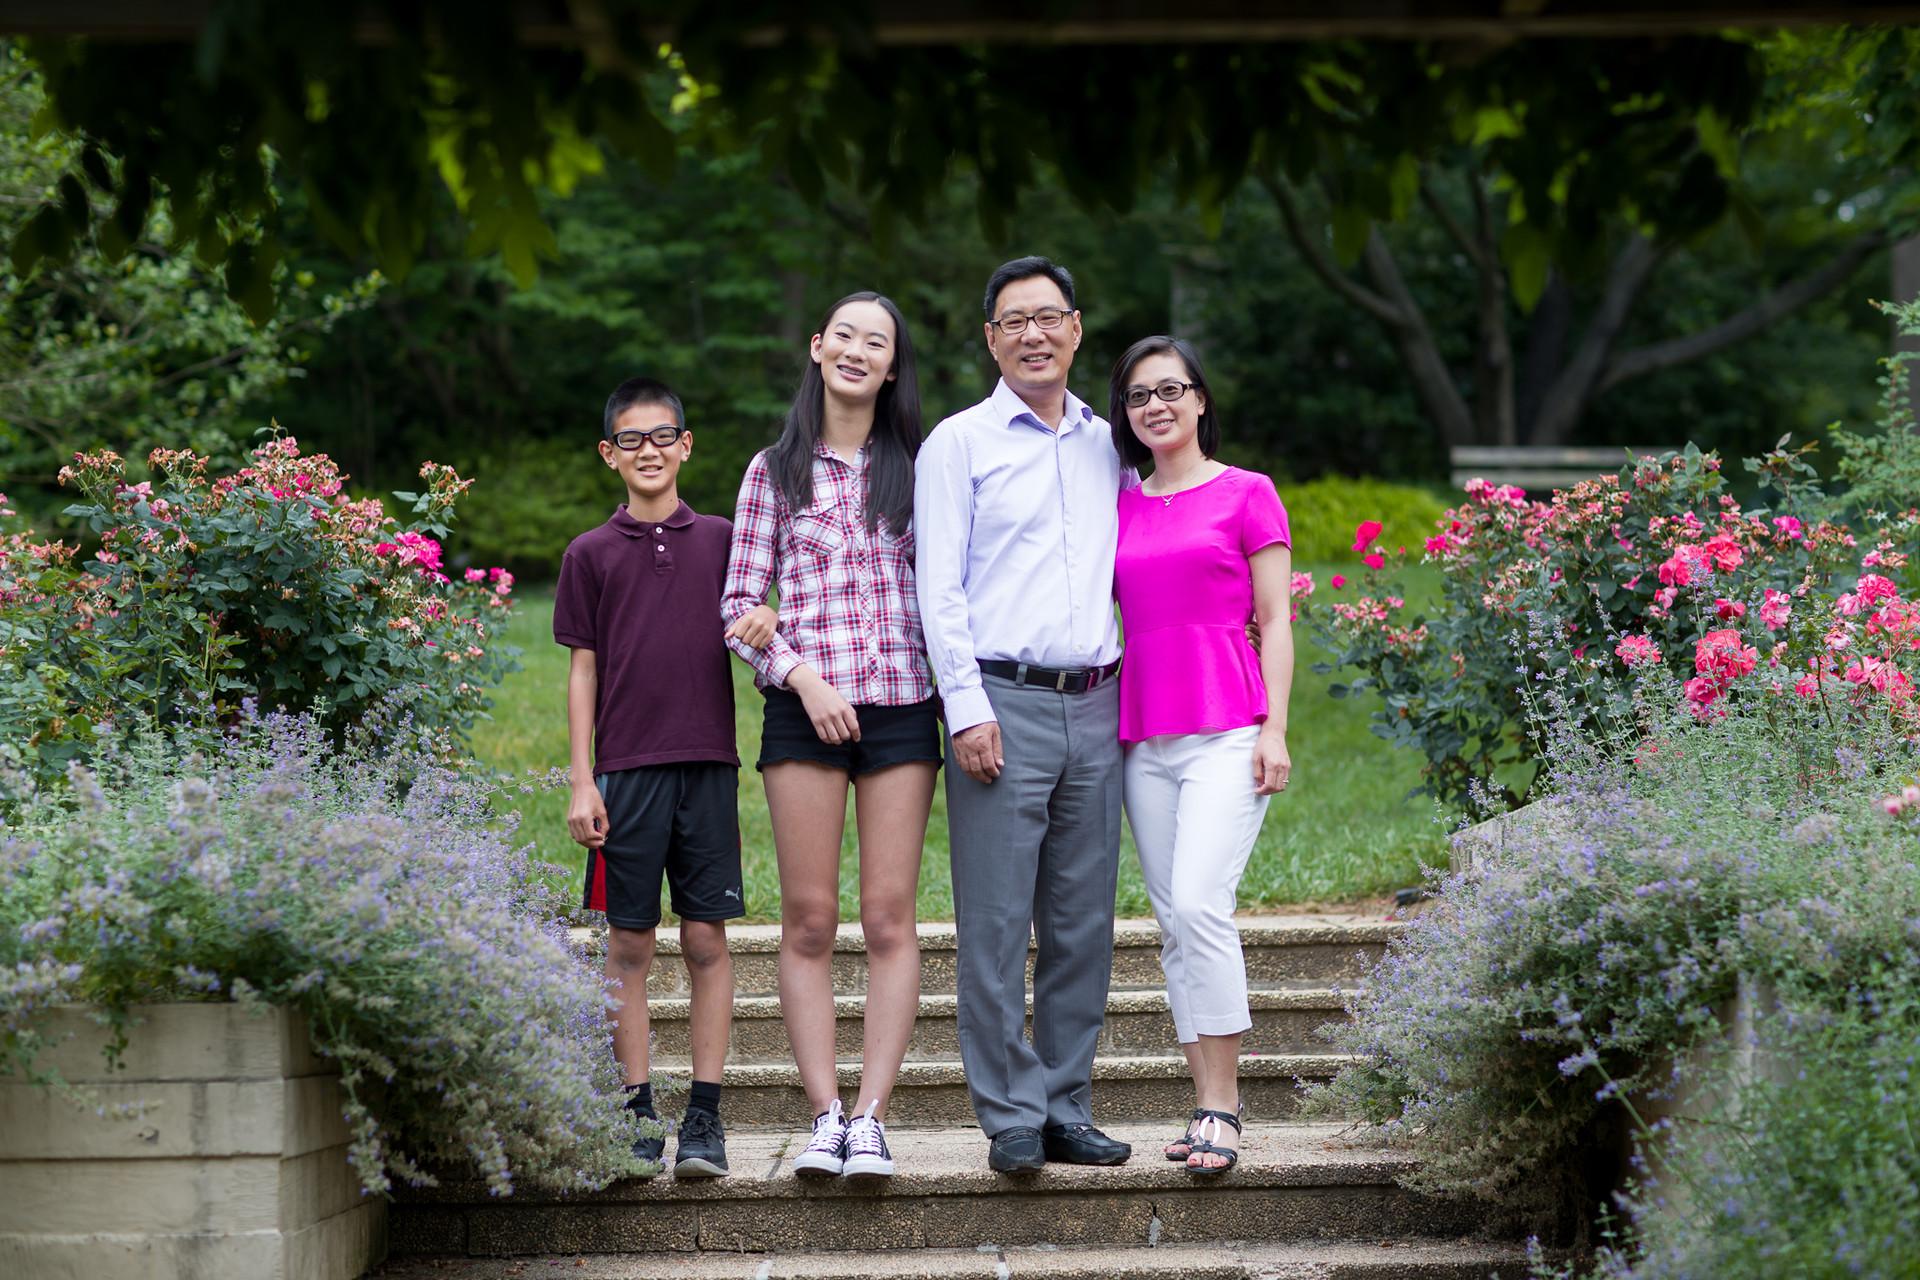 2016-07-03 - Wen Qun Family - 00001.JPG